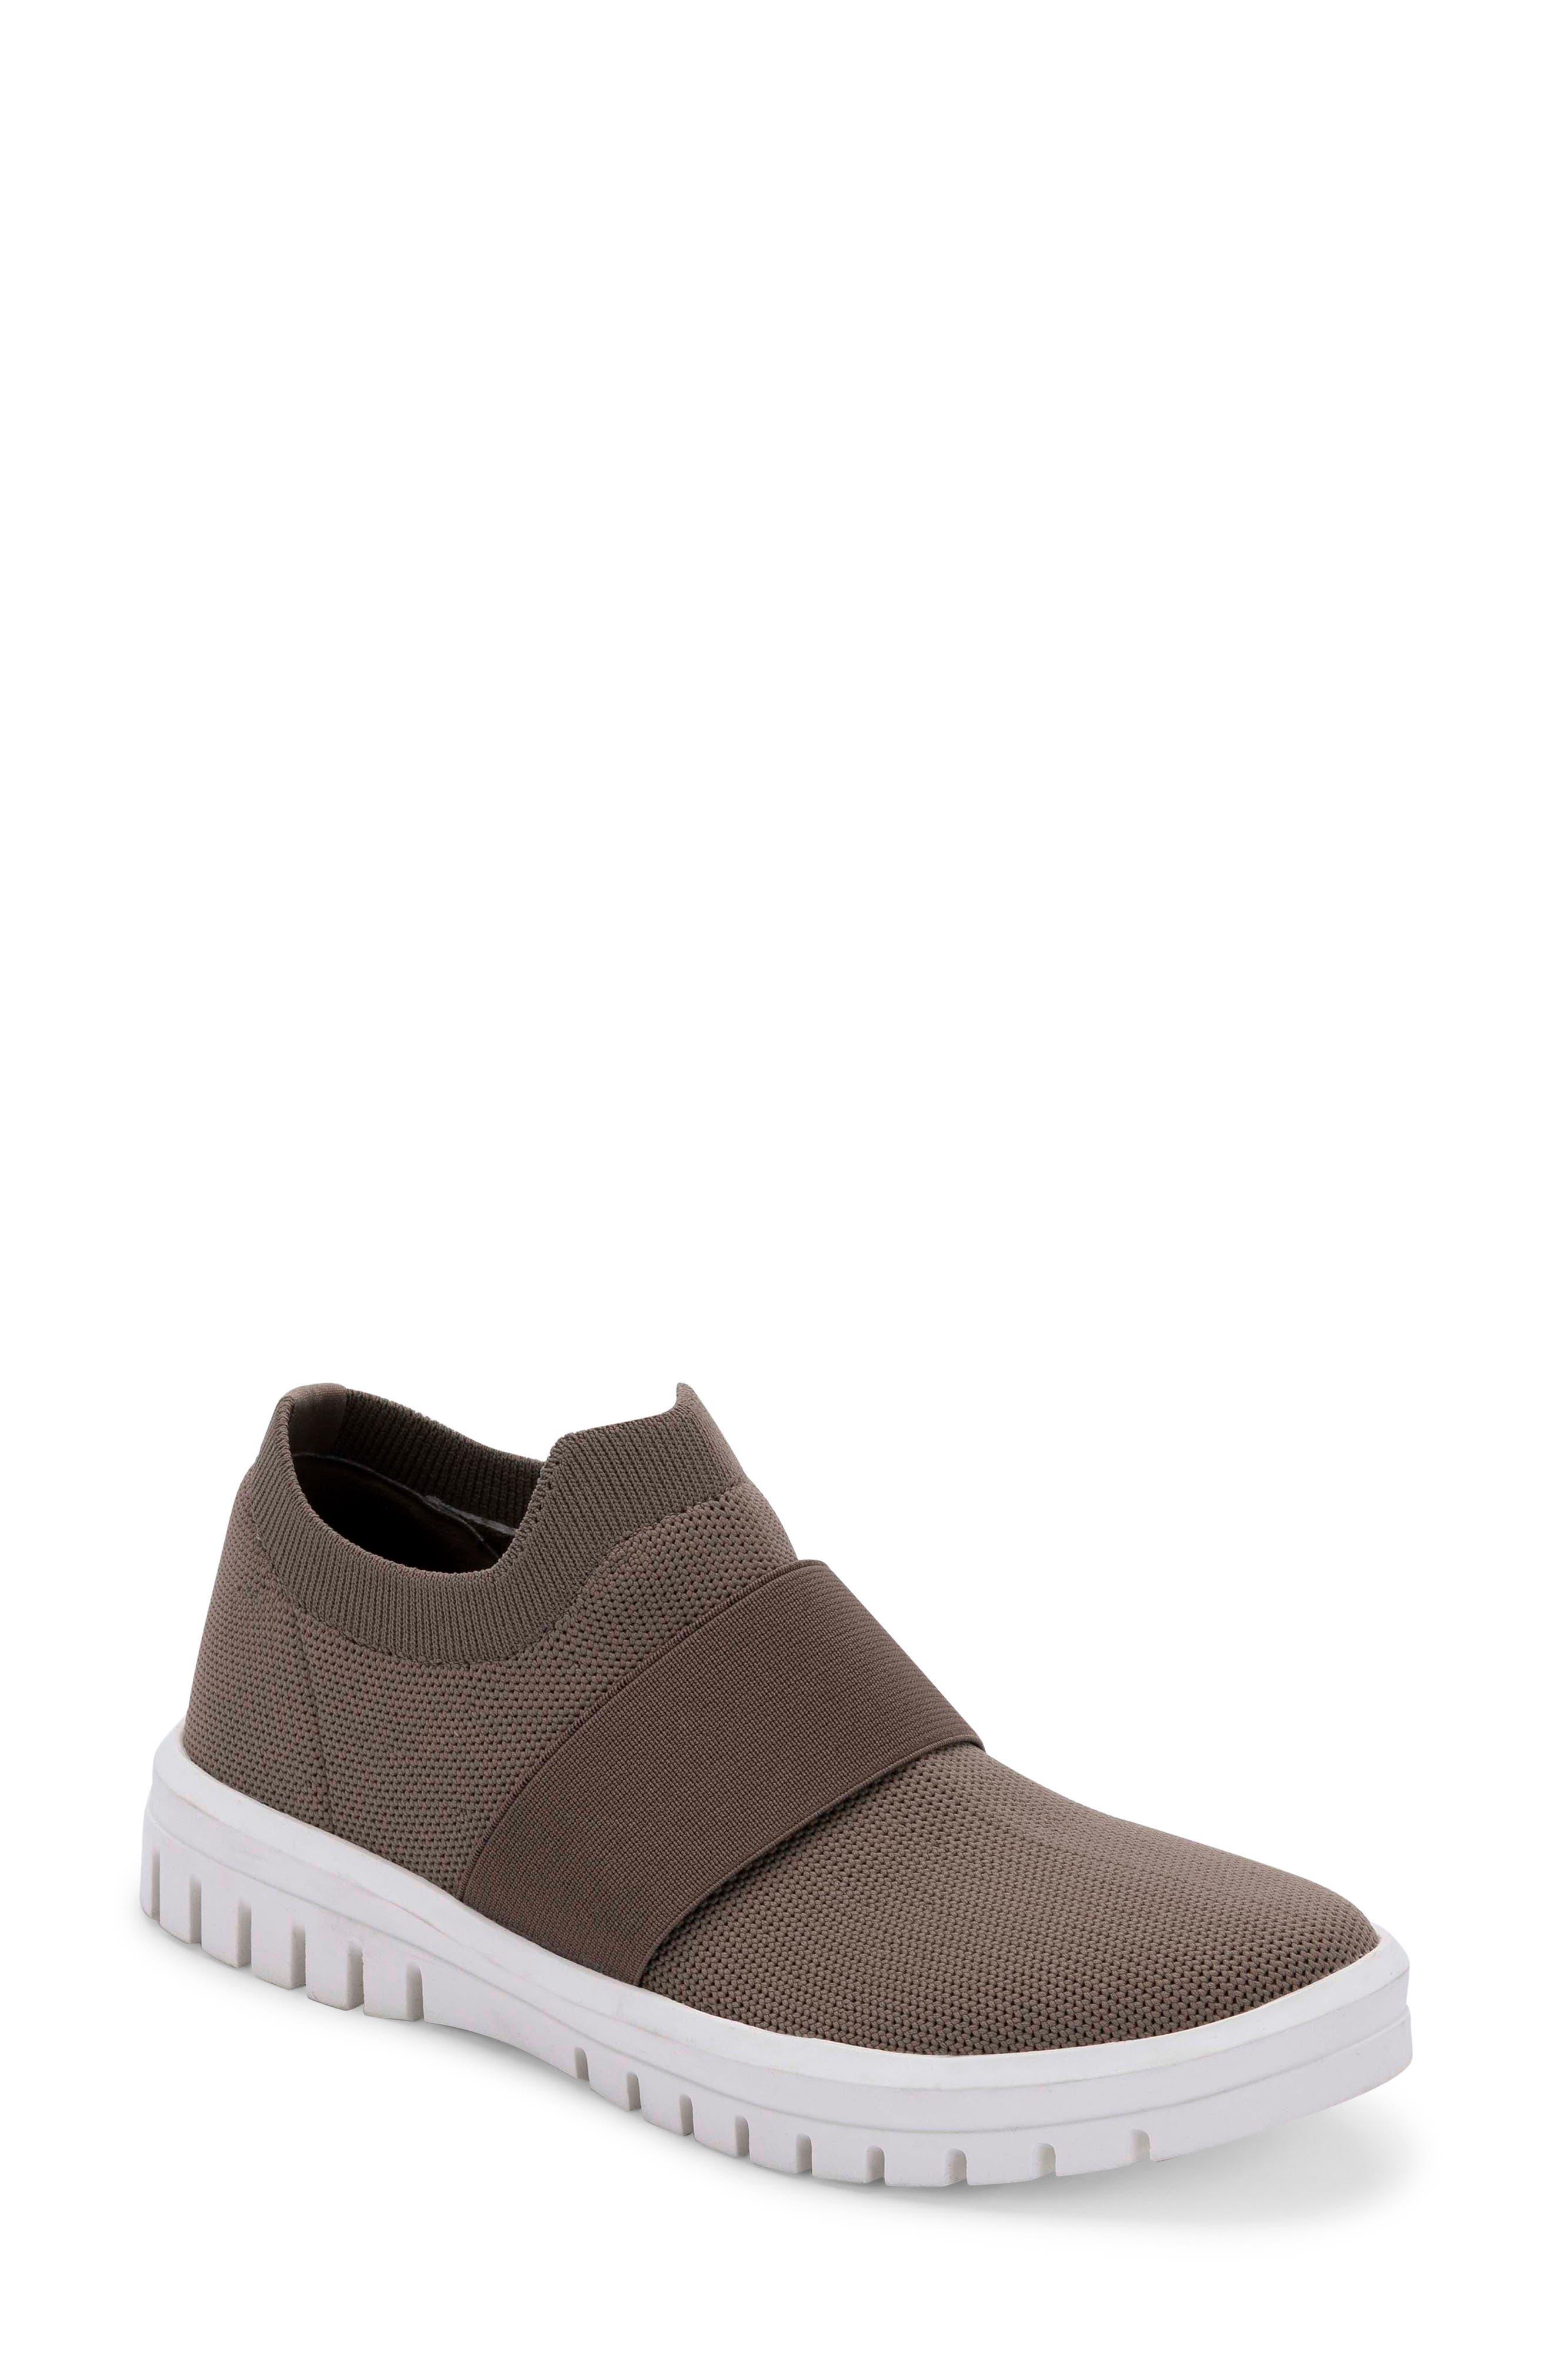 Florence Waterproof Slip-On Sneaker